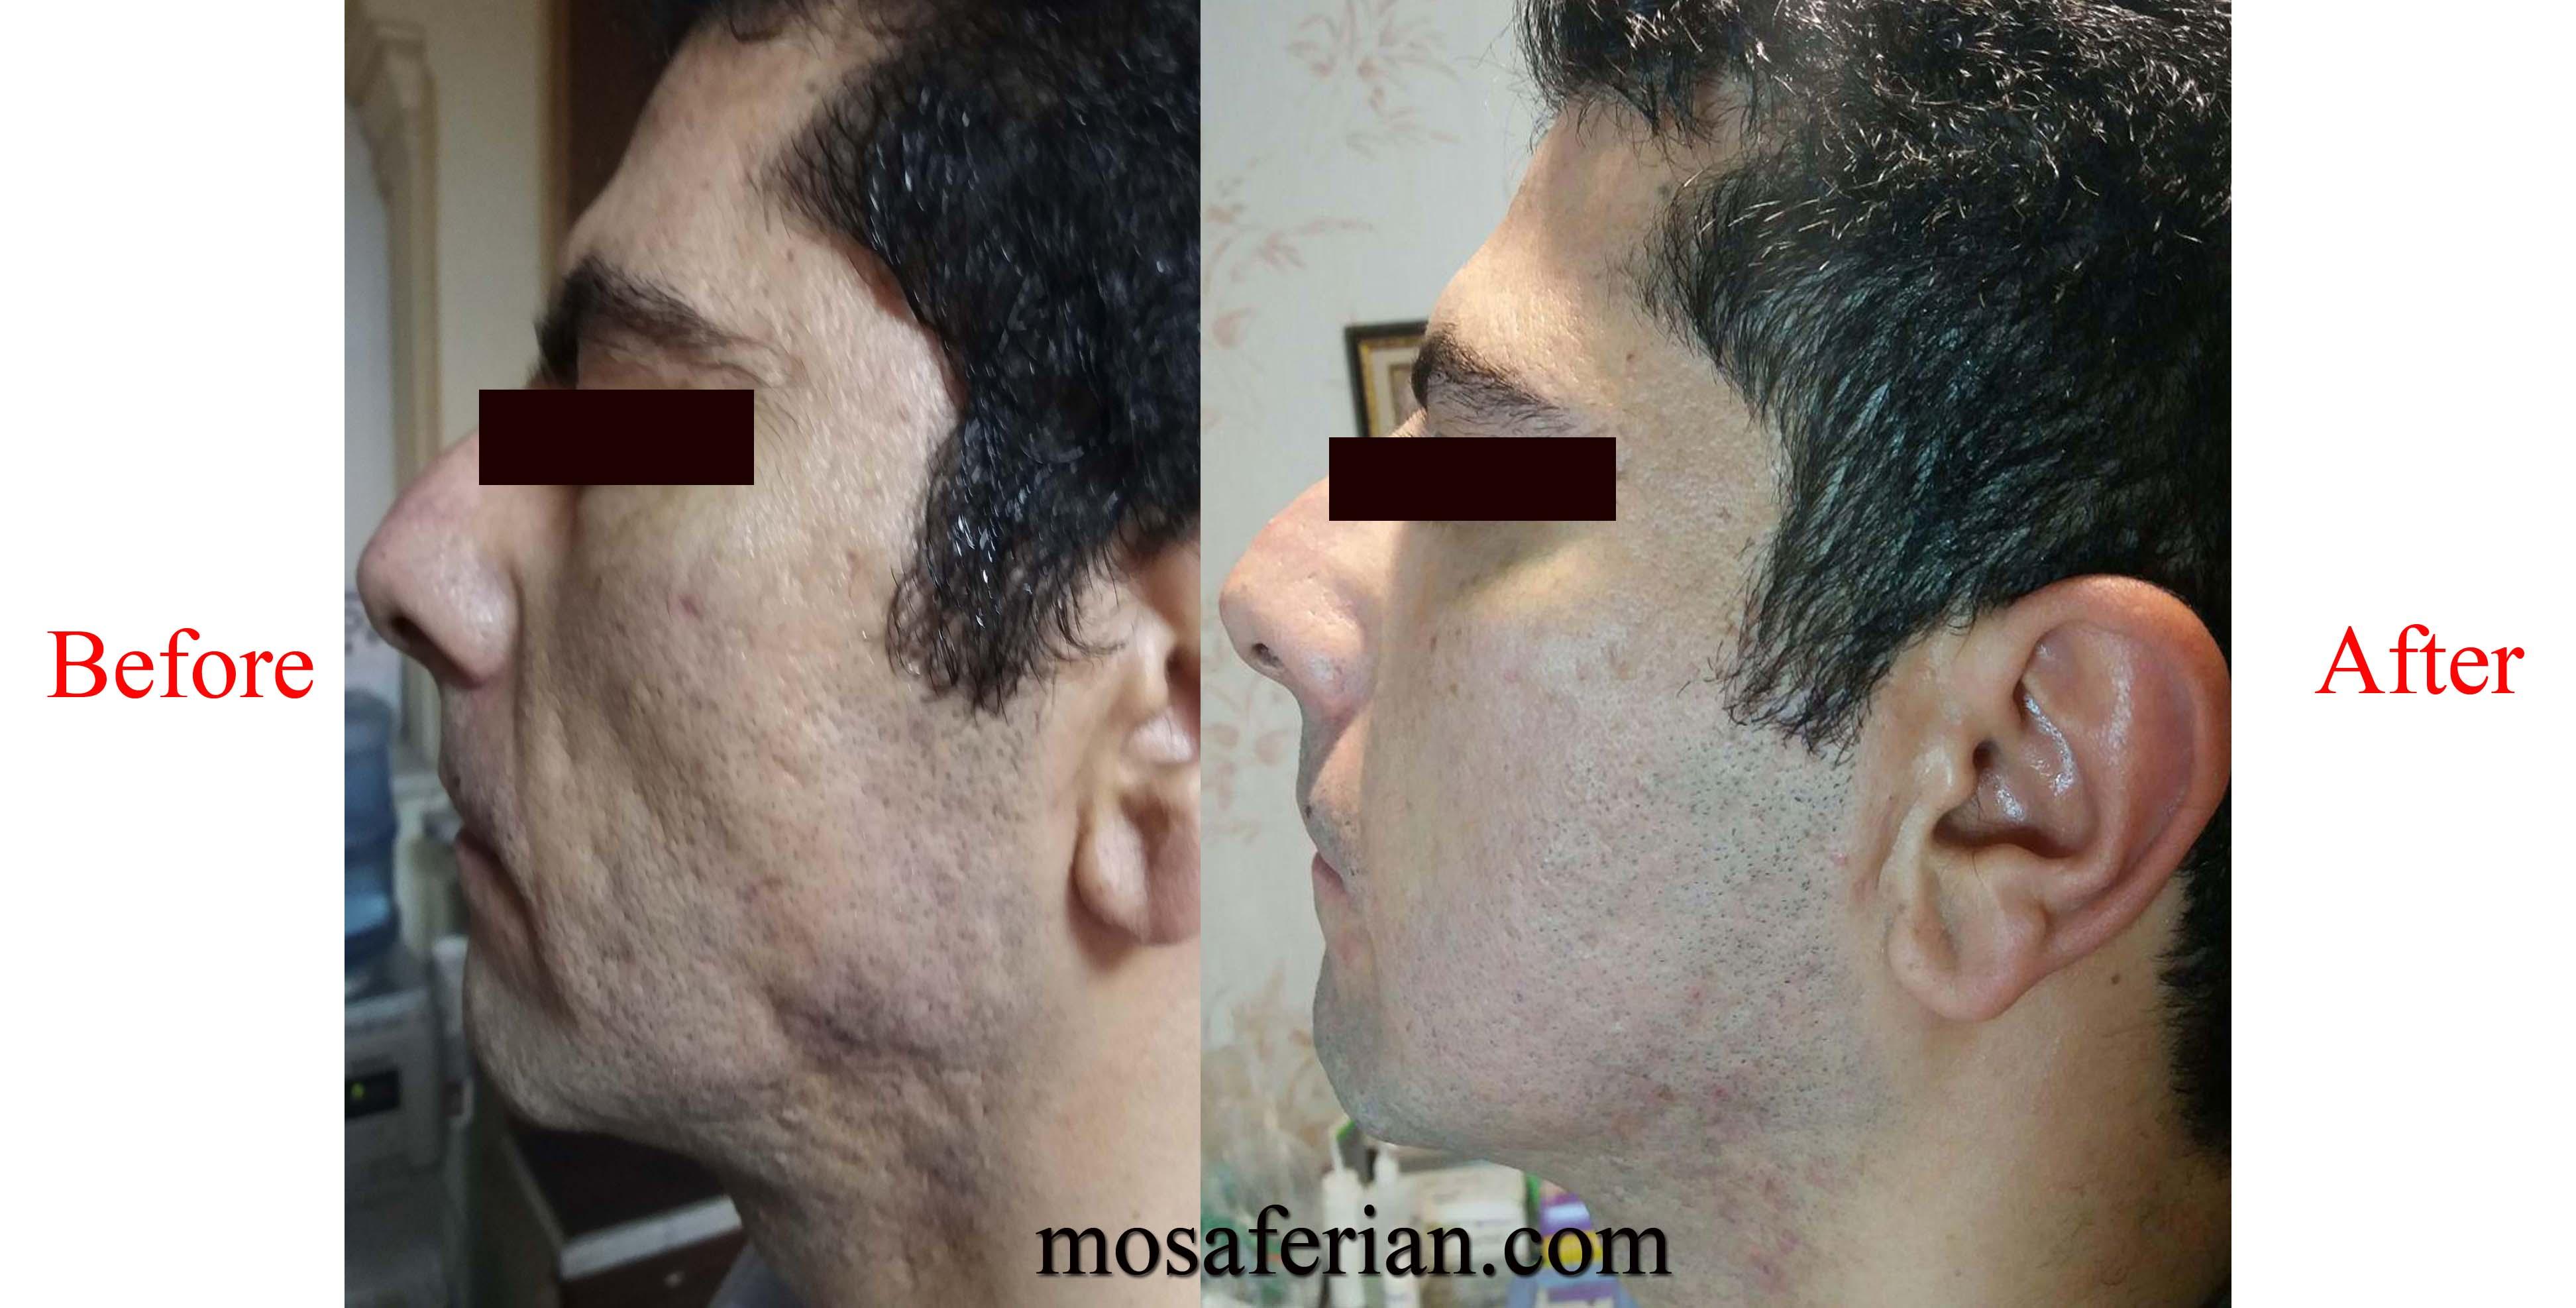 nanofat for acne scar